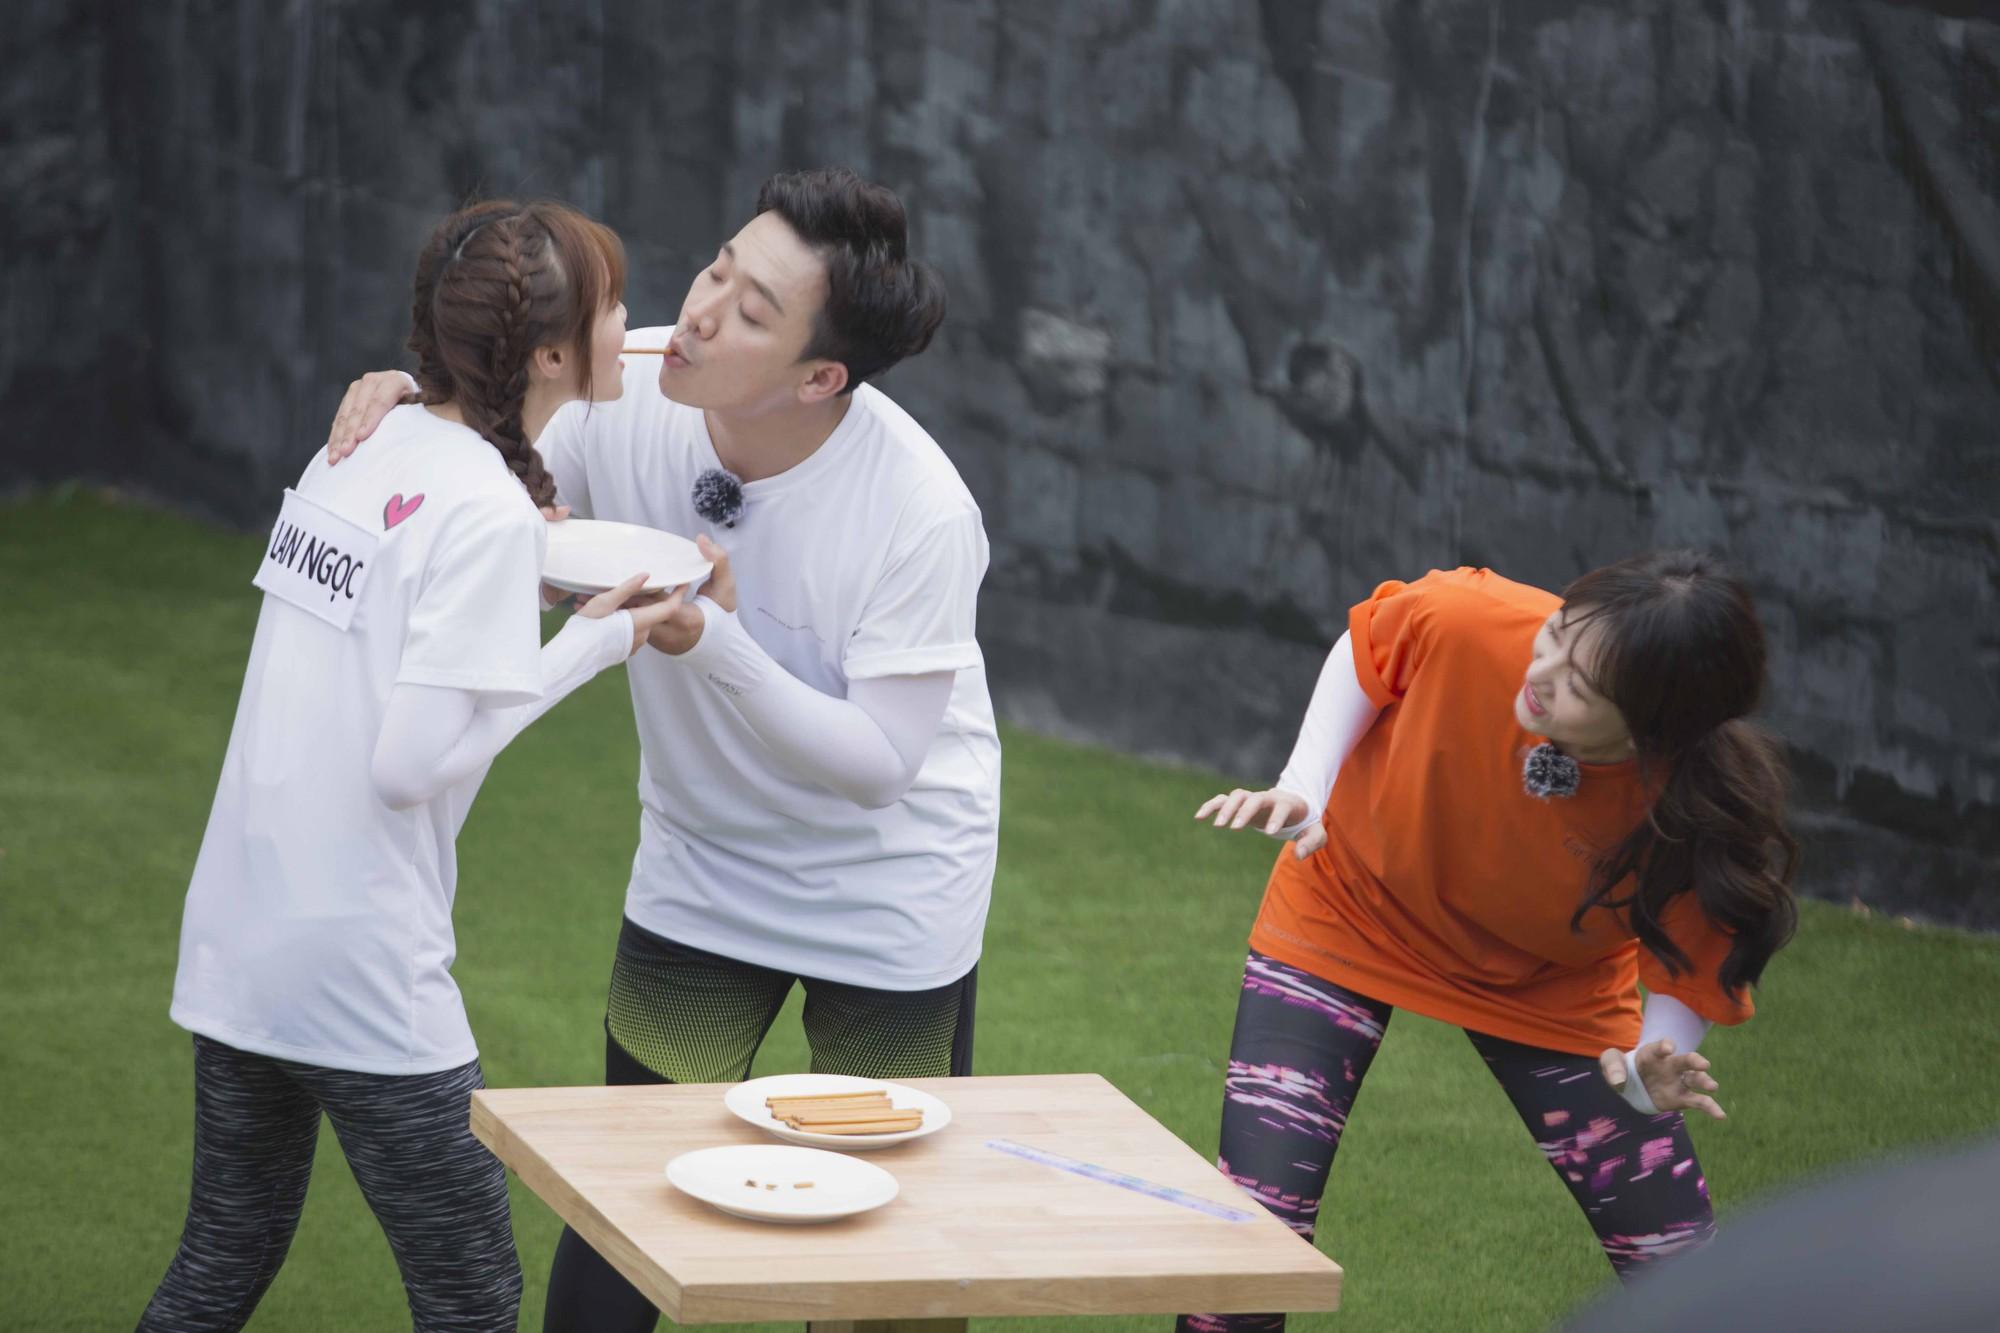 Running Man không lên sóng: Biết Lan Ngọc sắp hôn môi Trấn Thành, Hari Won tung chiêu đánh ghen khiến ai cũng choáng - Hình 7